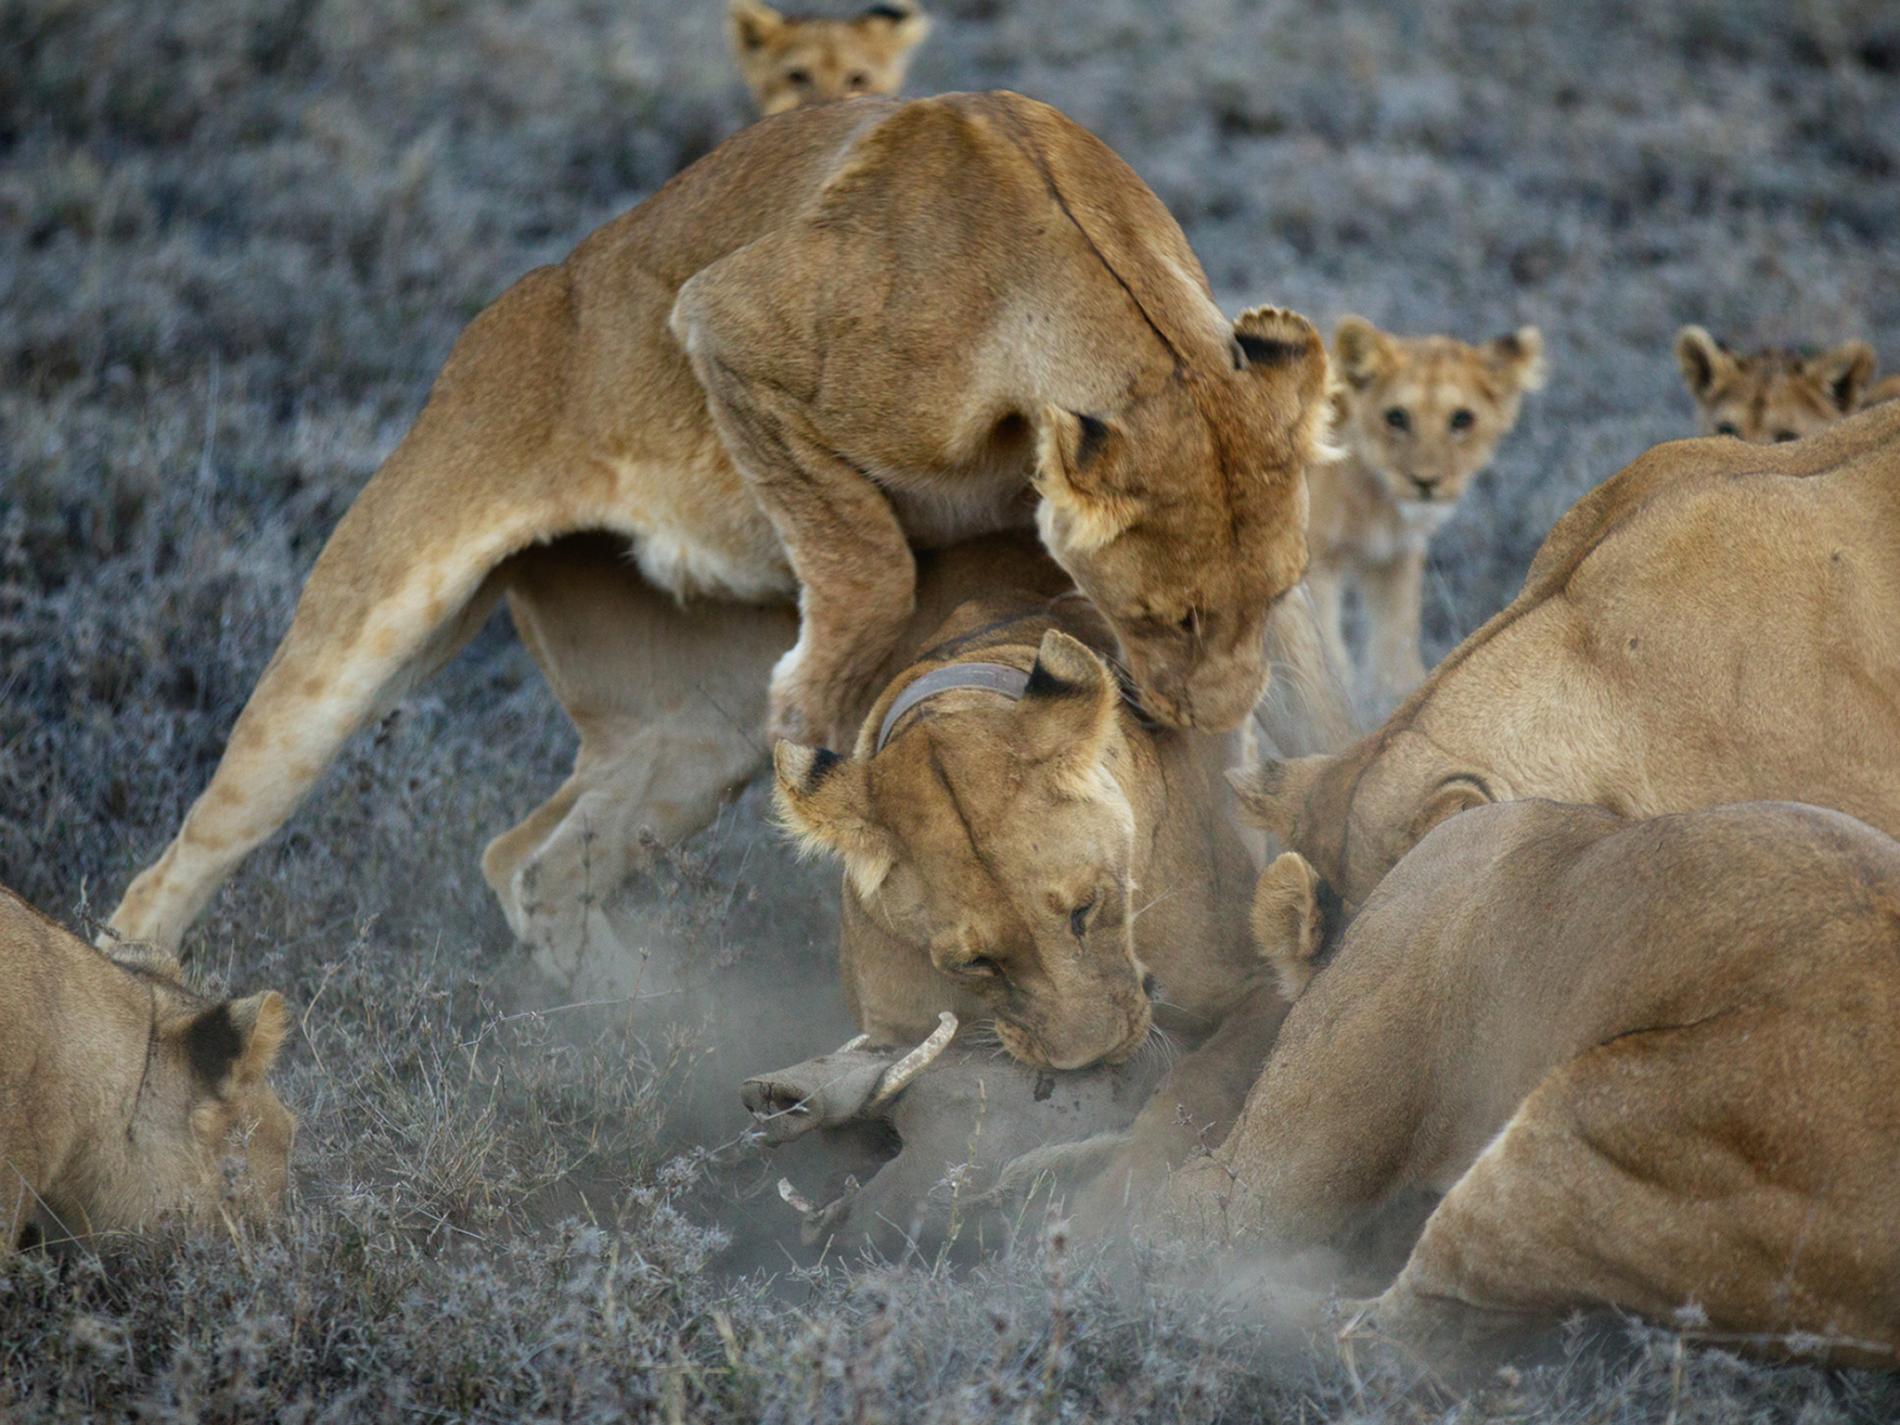 Sư tử diệt sư tử: Cuộc ám sát 3 cắn 1 và sự hồi sinh nghẹt thở của nhà vua - Ảnh 18.